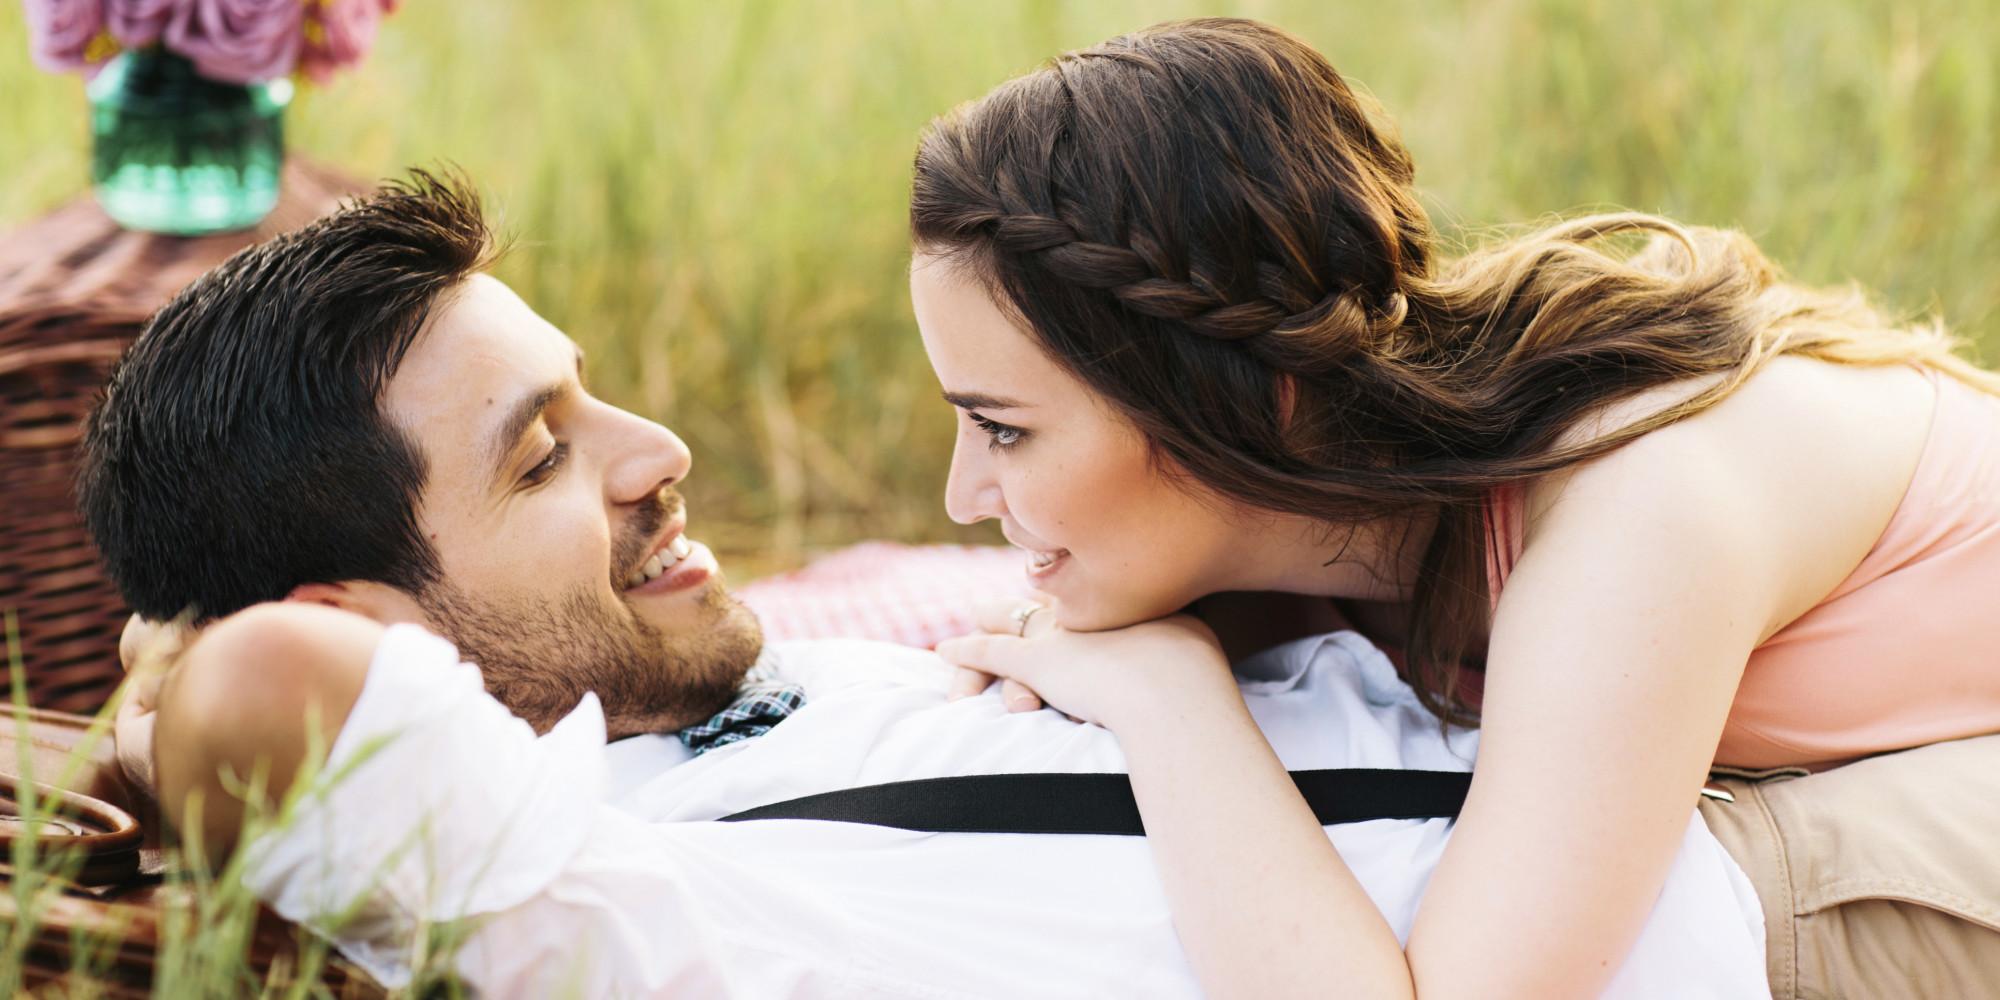 بالصور صور عشاق رومانسيه , اجمل صور الحب الرومانسية 3737